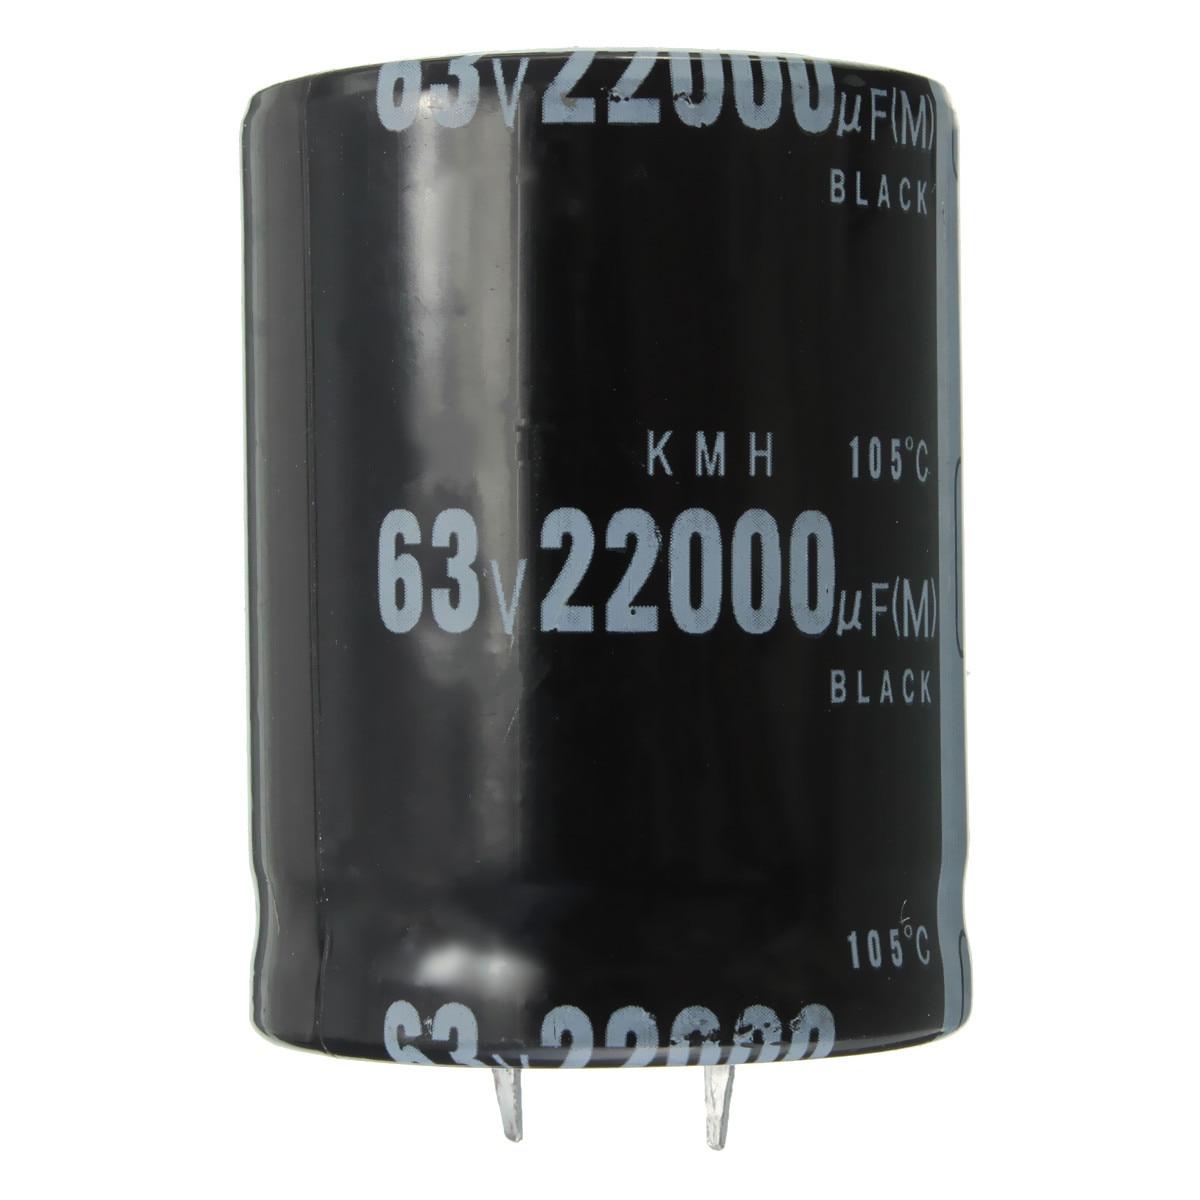 Алюминиевый электролитический конденсатор TMOEC, размер 35x50 мм, цилиндрический, 63 в, 105 мкФ, 22000 градусов